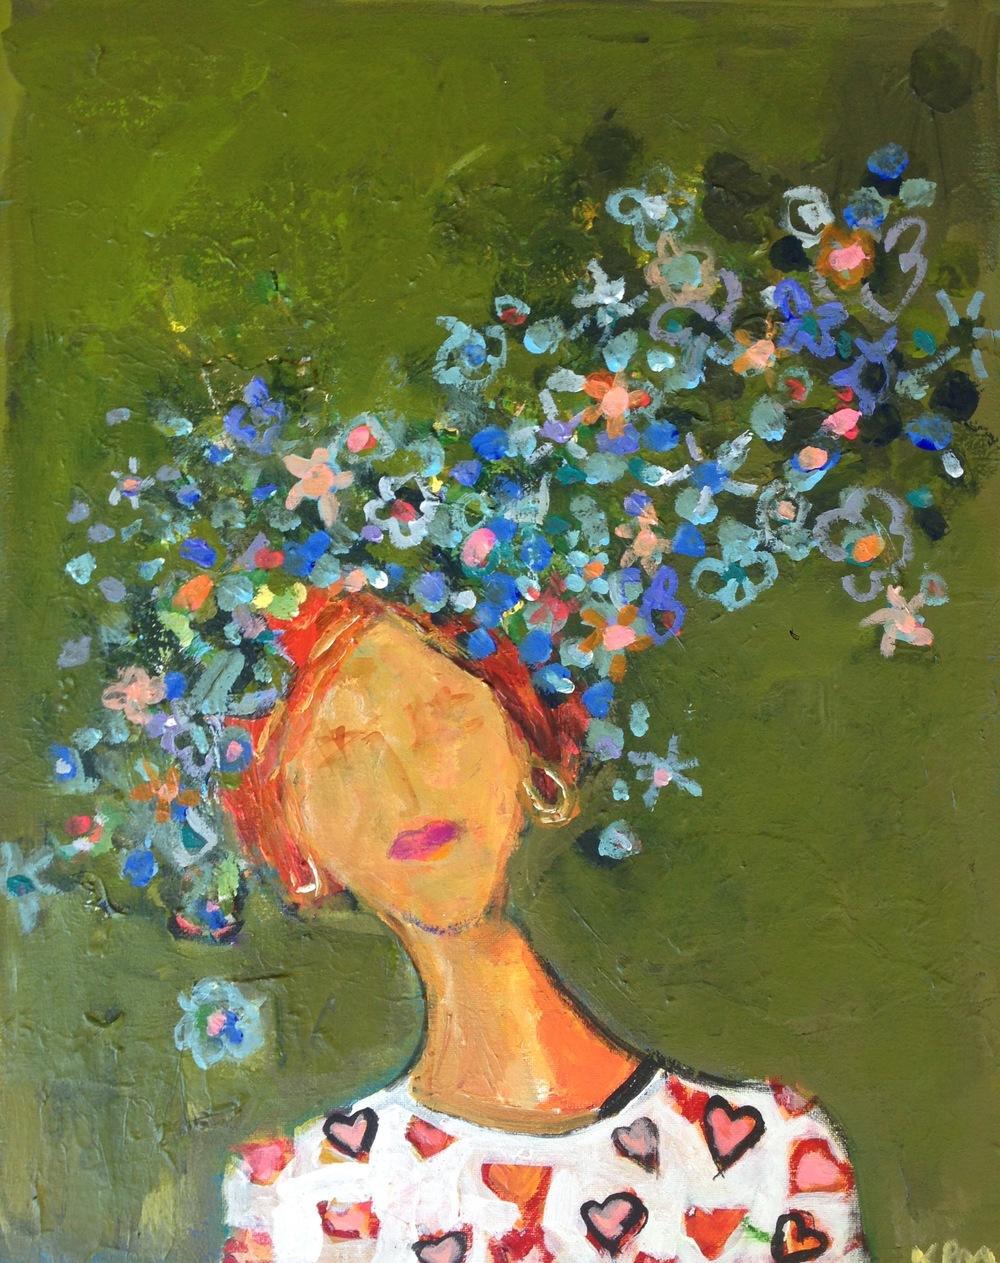 Hearts on My Blouse 16x20 acrylic on canvas